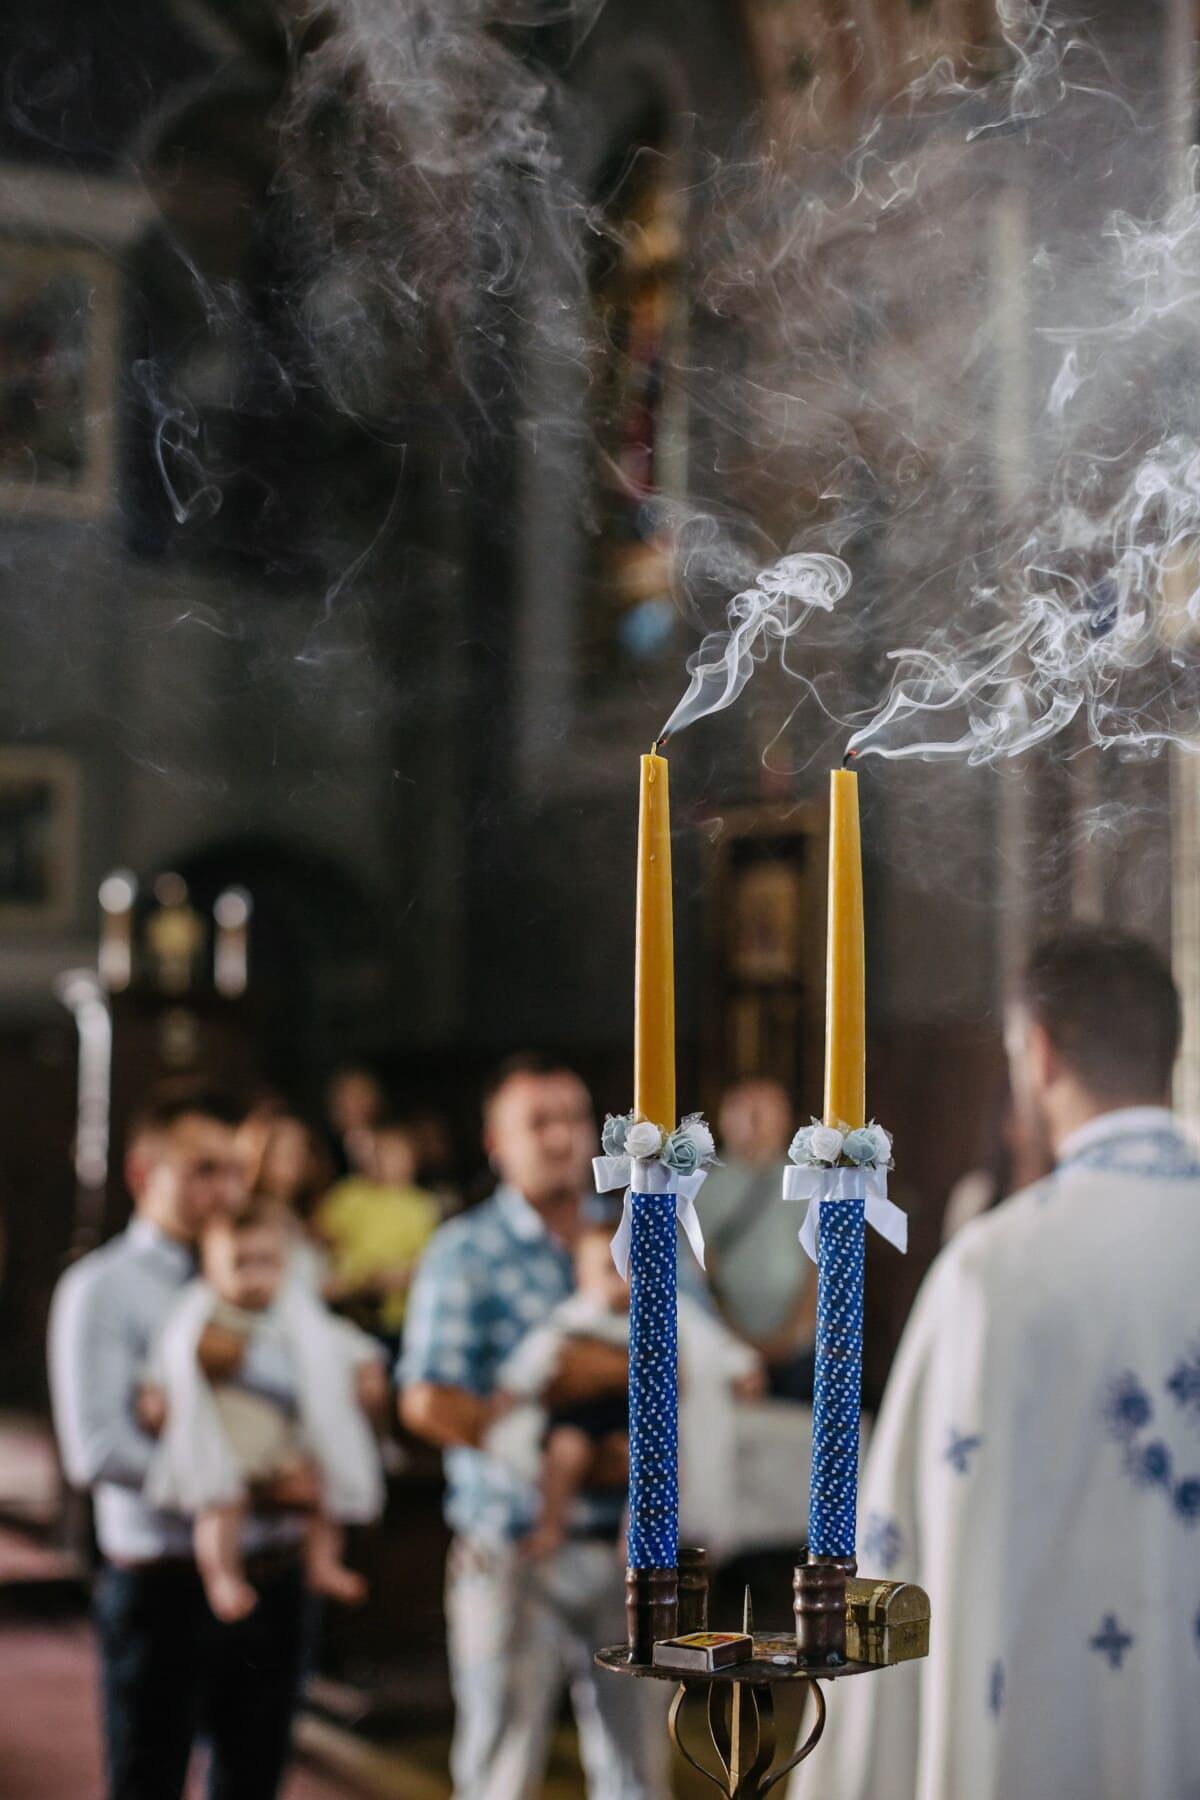 Rauch, Kerzen, Taufe, Kirche, Priester, Licht, Menschen, Stadt, Mann, Zeremonie